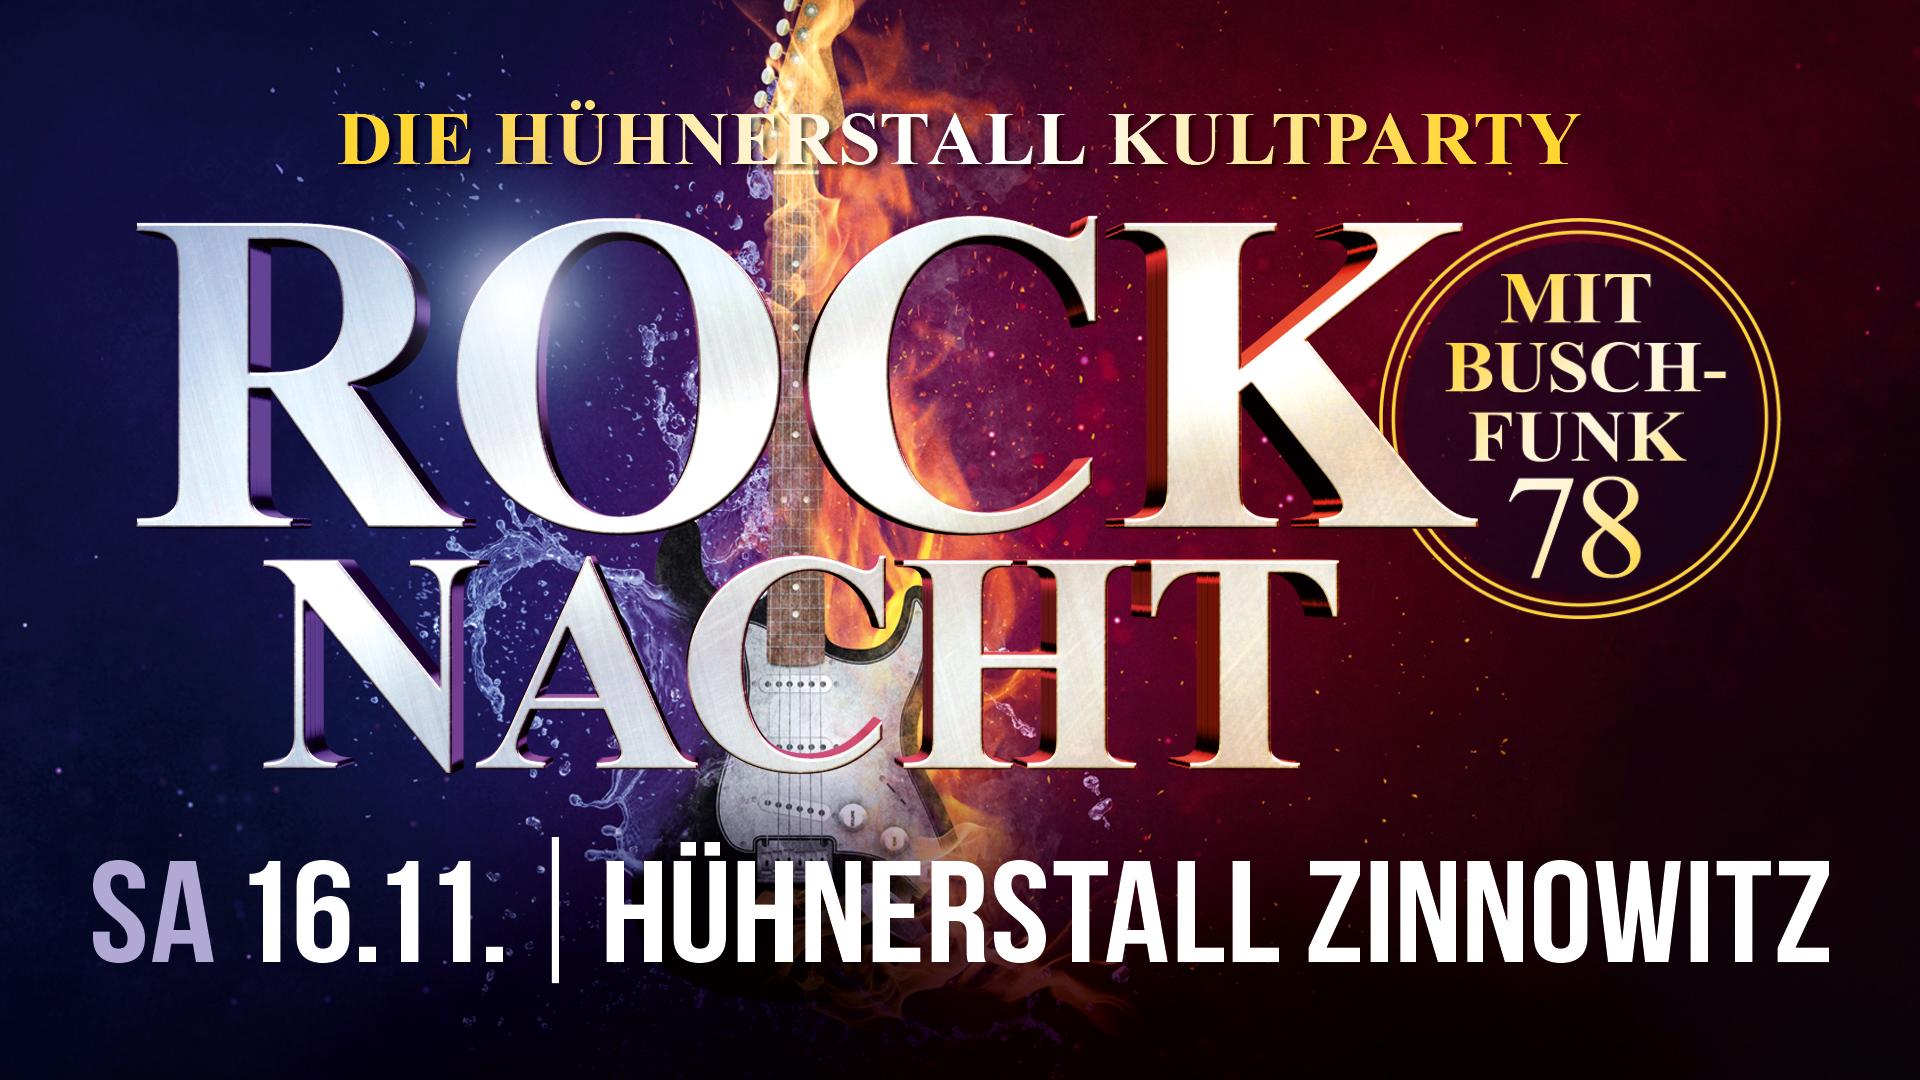 Rocknacht mit Buschfunk 78